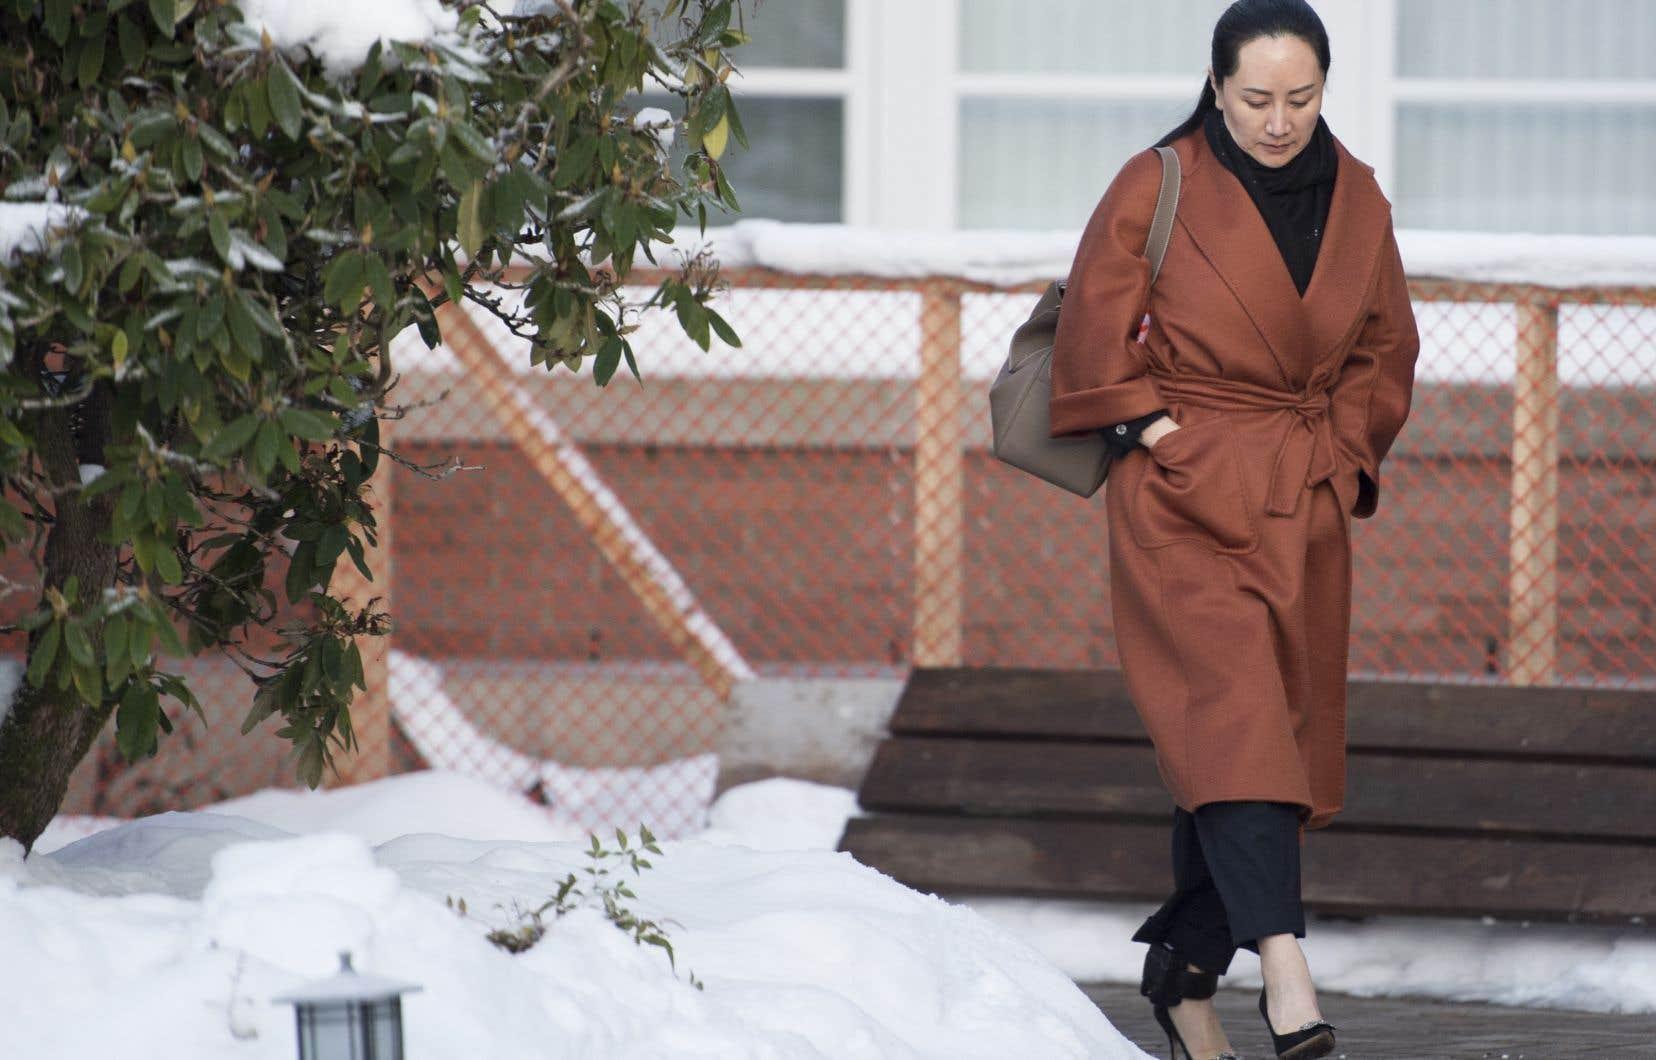 Meng Wanzhou est accusée d'avoir menti à une banque au sujet des affaires d'une filiale de Huawei en Iran, mettant l'institution financière en danger de violer les sanctions américaines contre le pays.